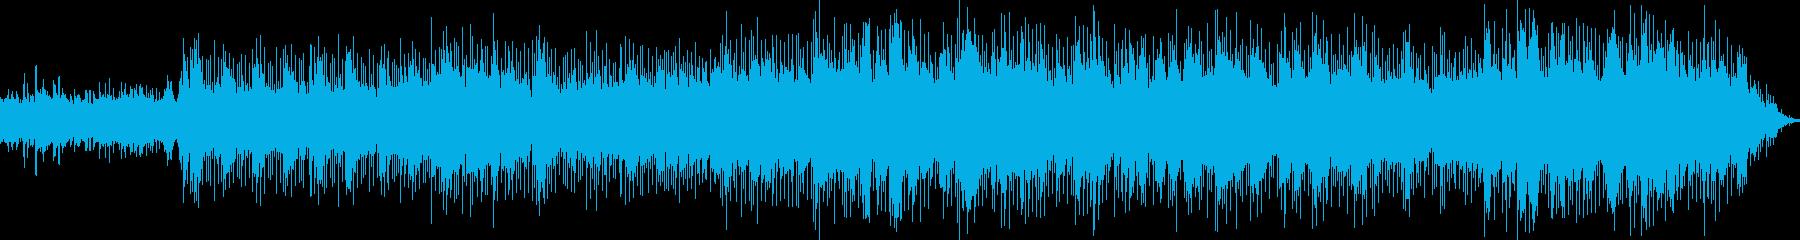 スローロック。エレクトリックピアノ...の再生済みの波形